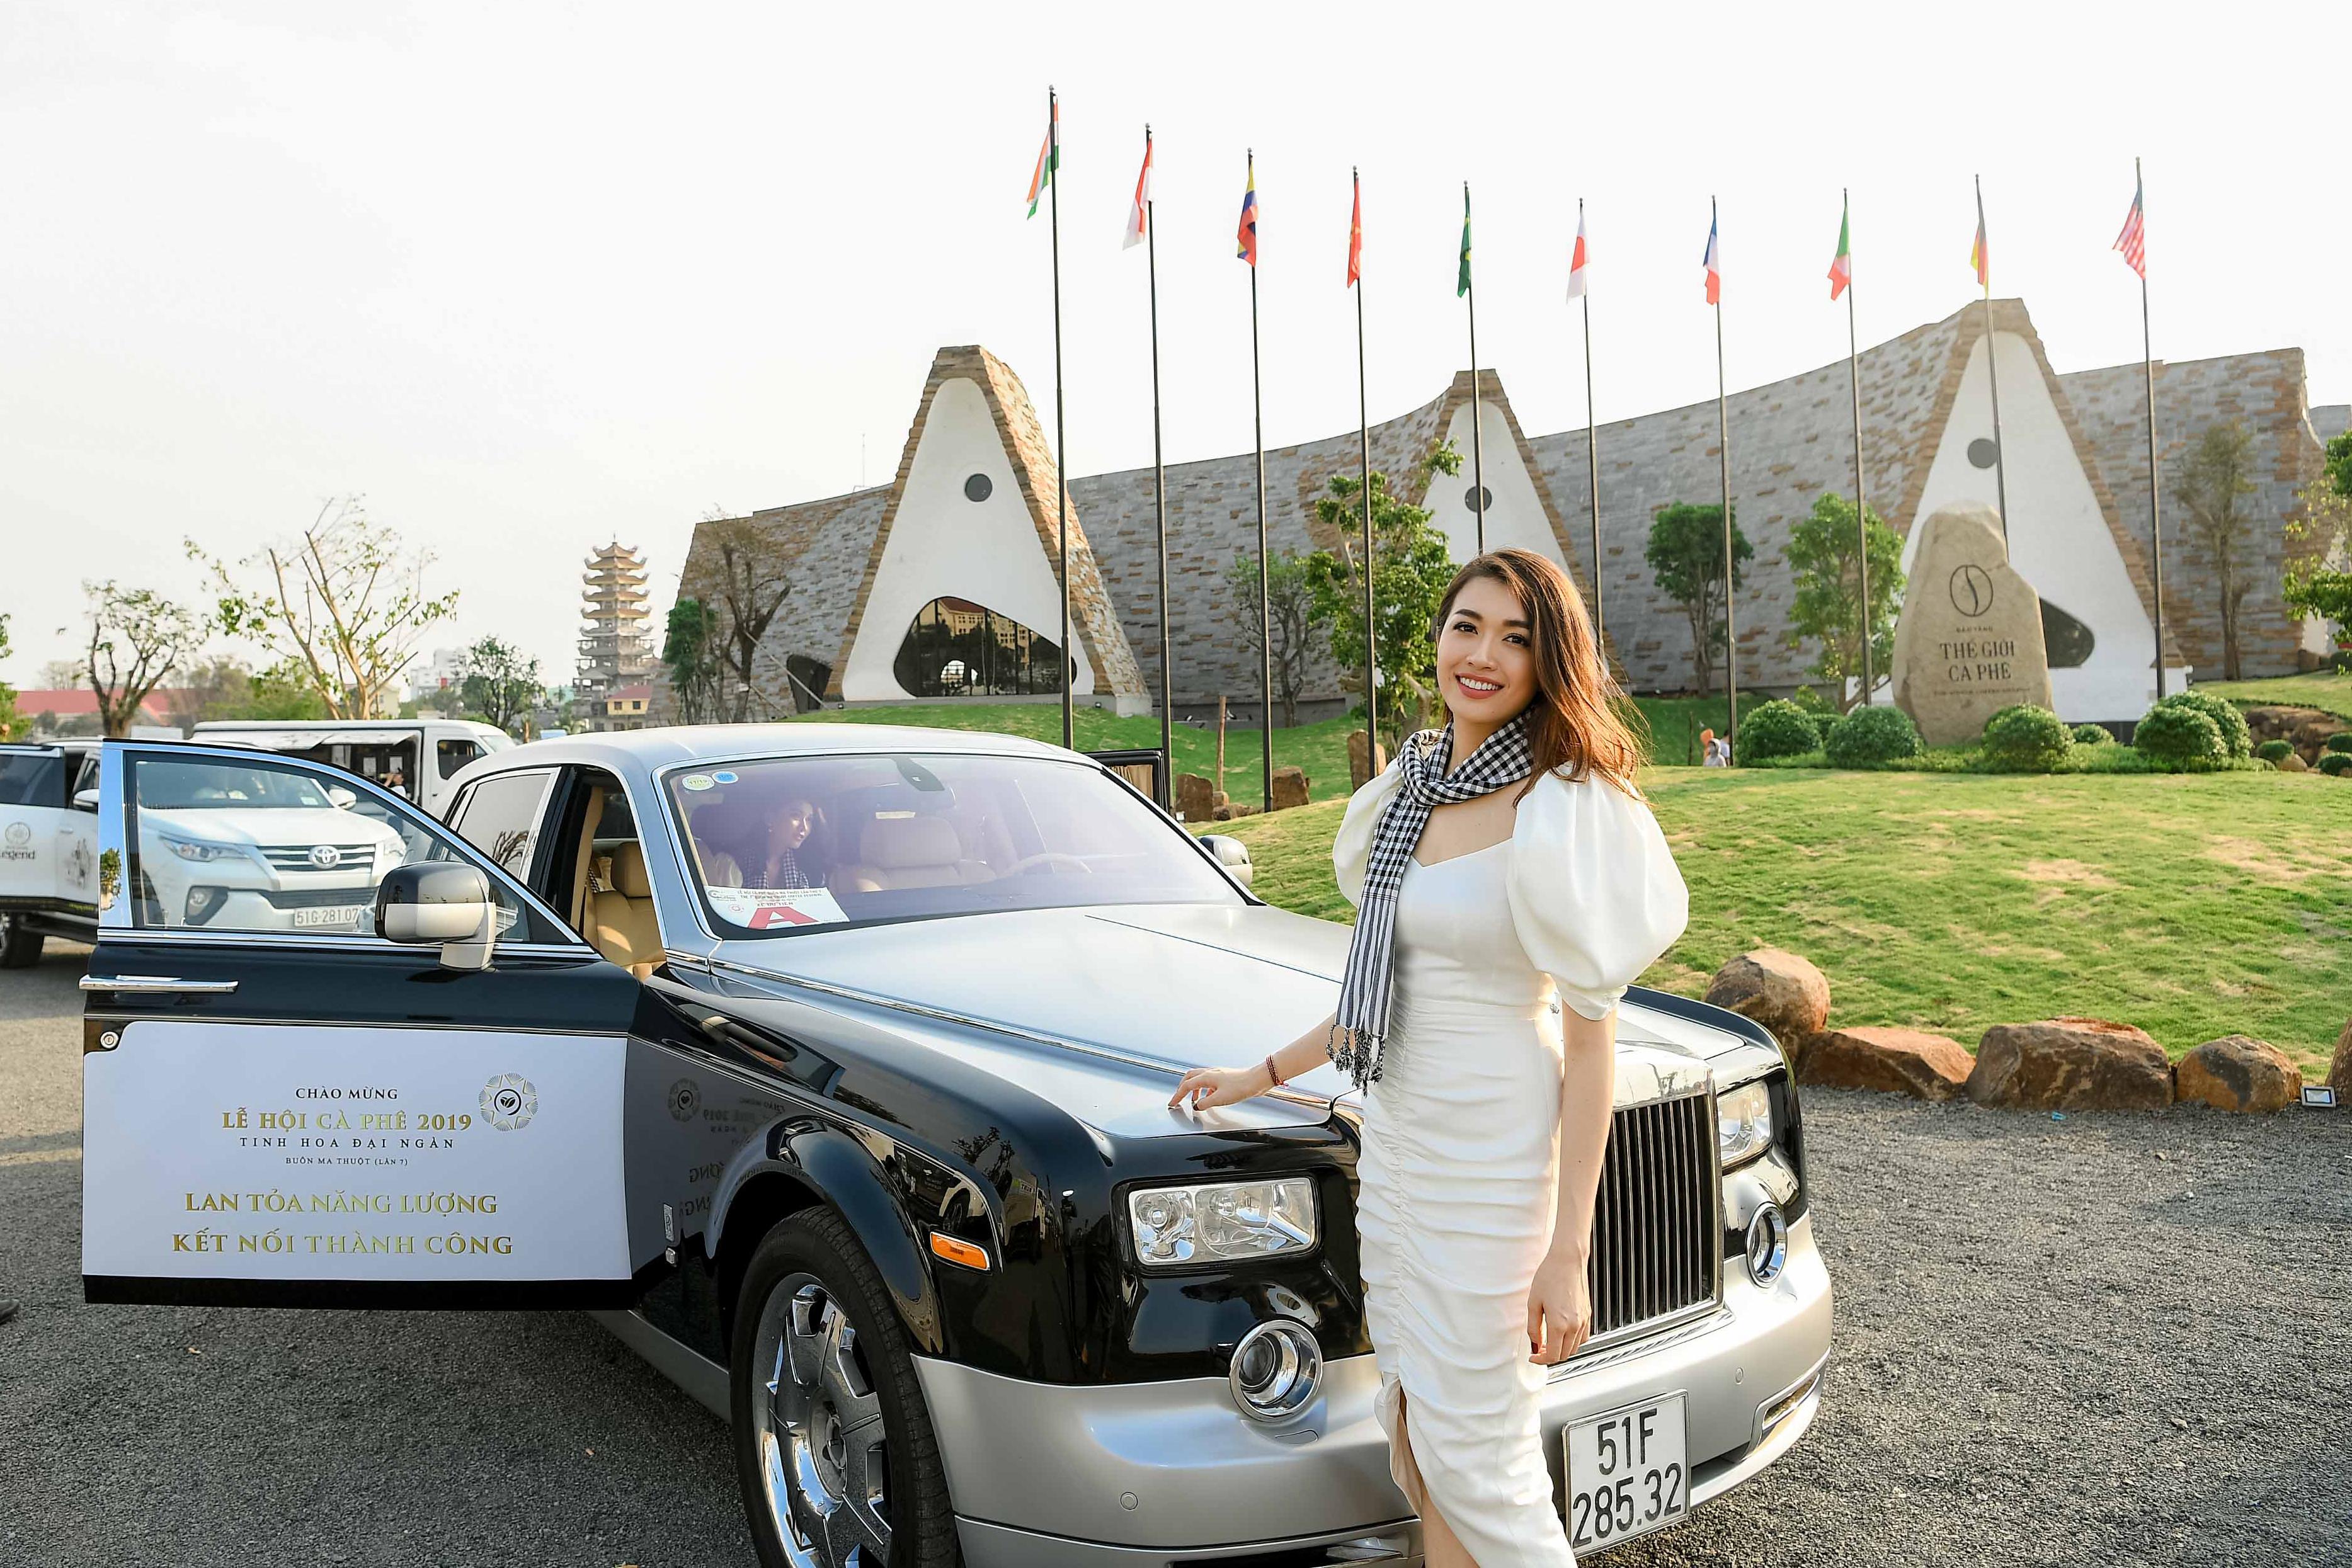 Hoa hậu Mỹ Linh đọ sắc cùng hai Á hậu bên siêu xe của ông Đặng Lê Nguyên Vũ 2